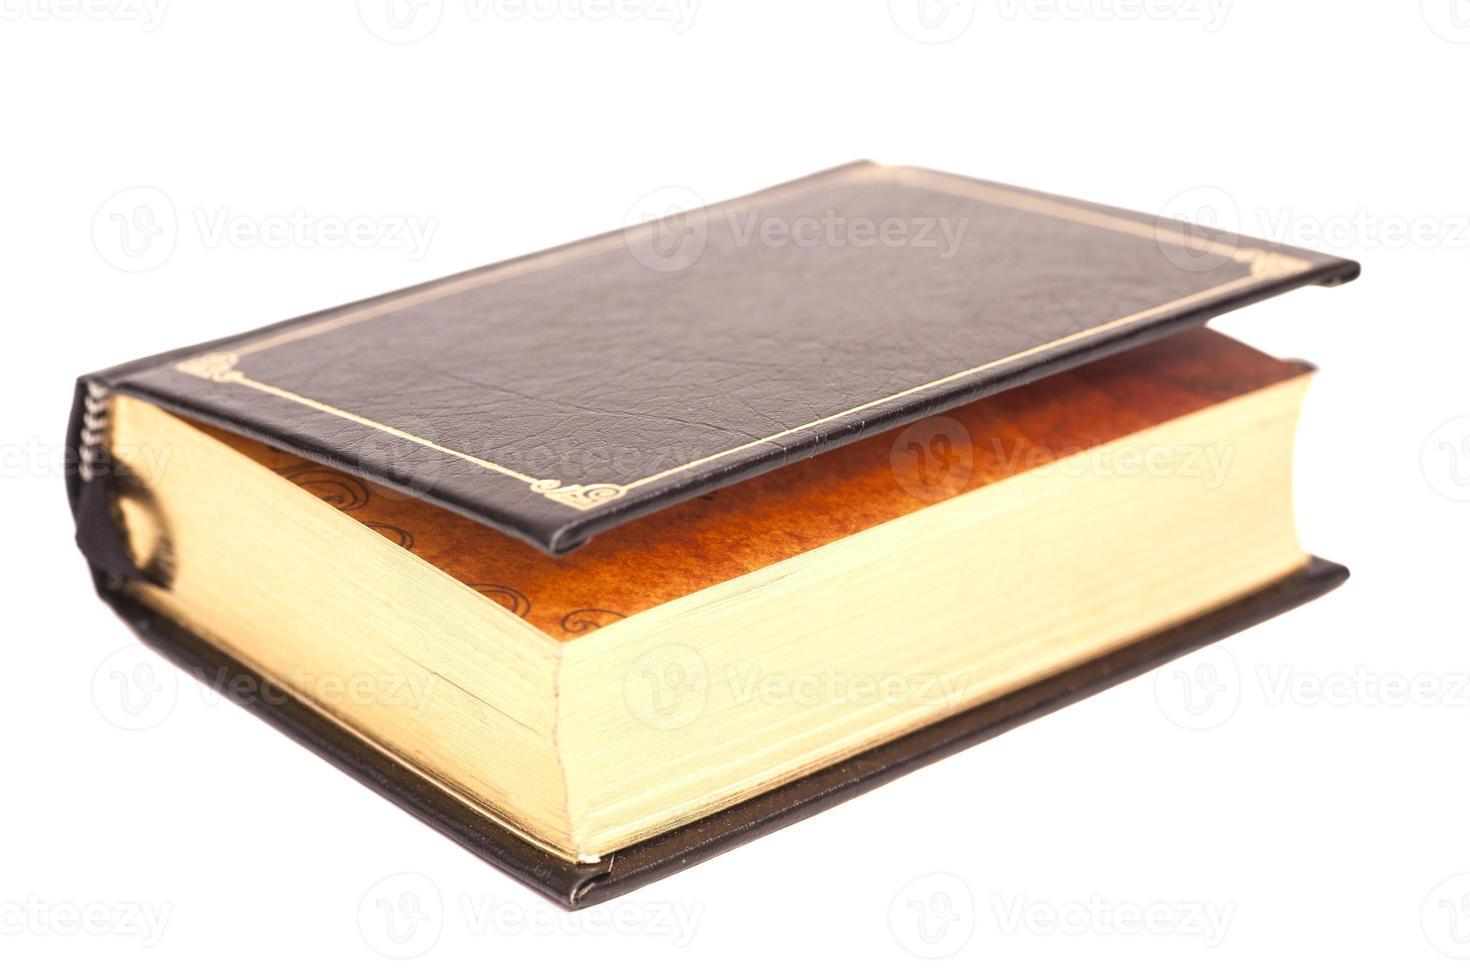 bokomslag isolerad på vit bakgrund foto